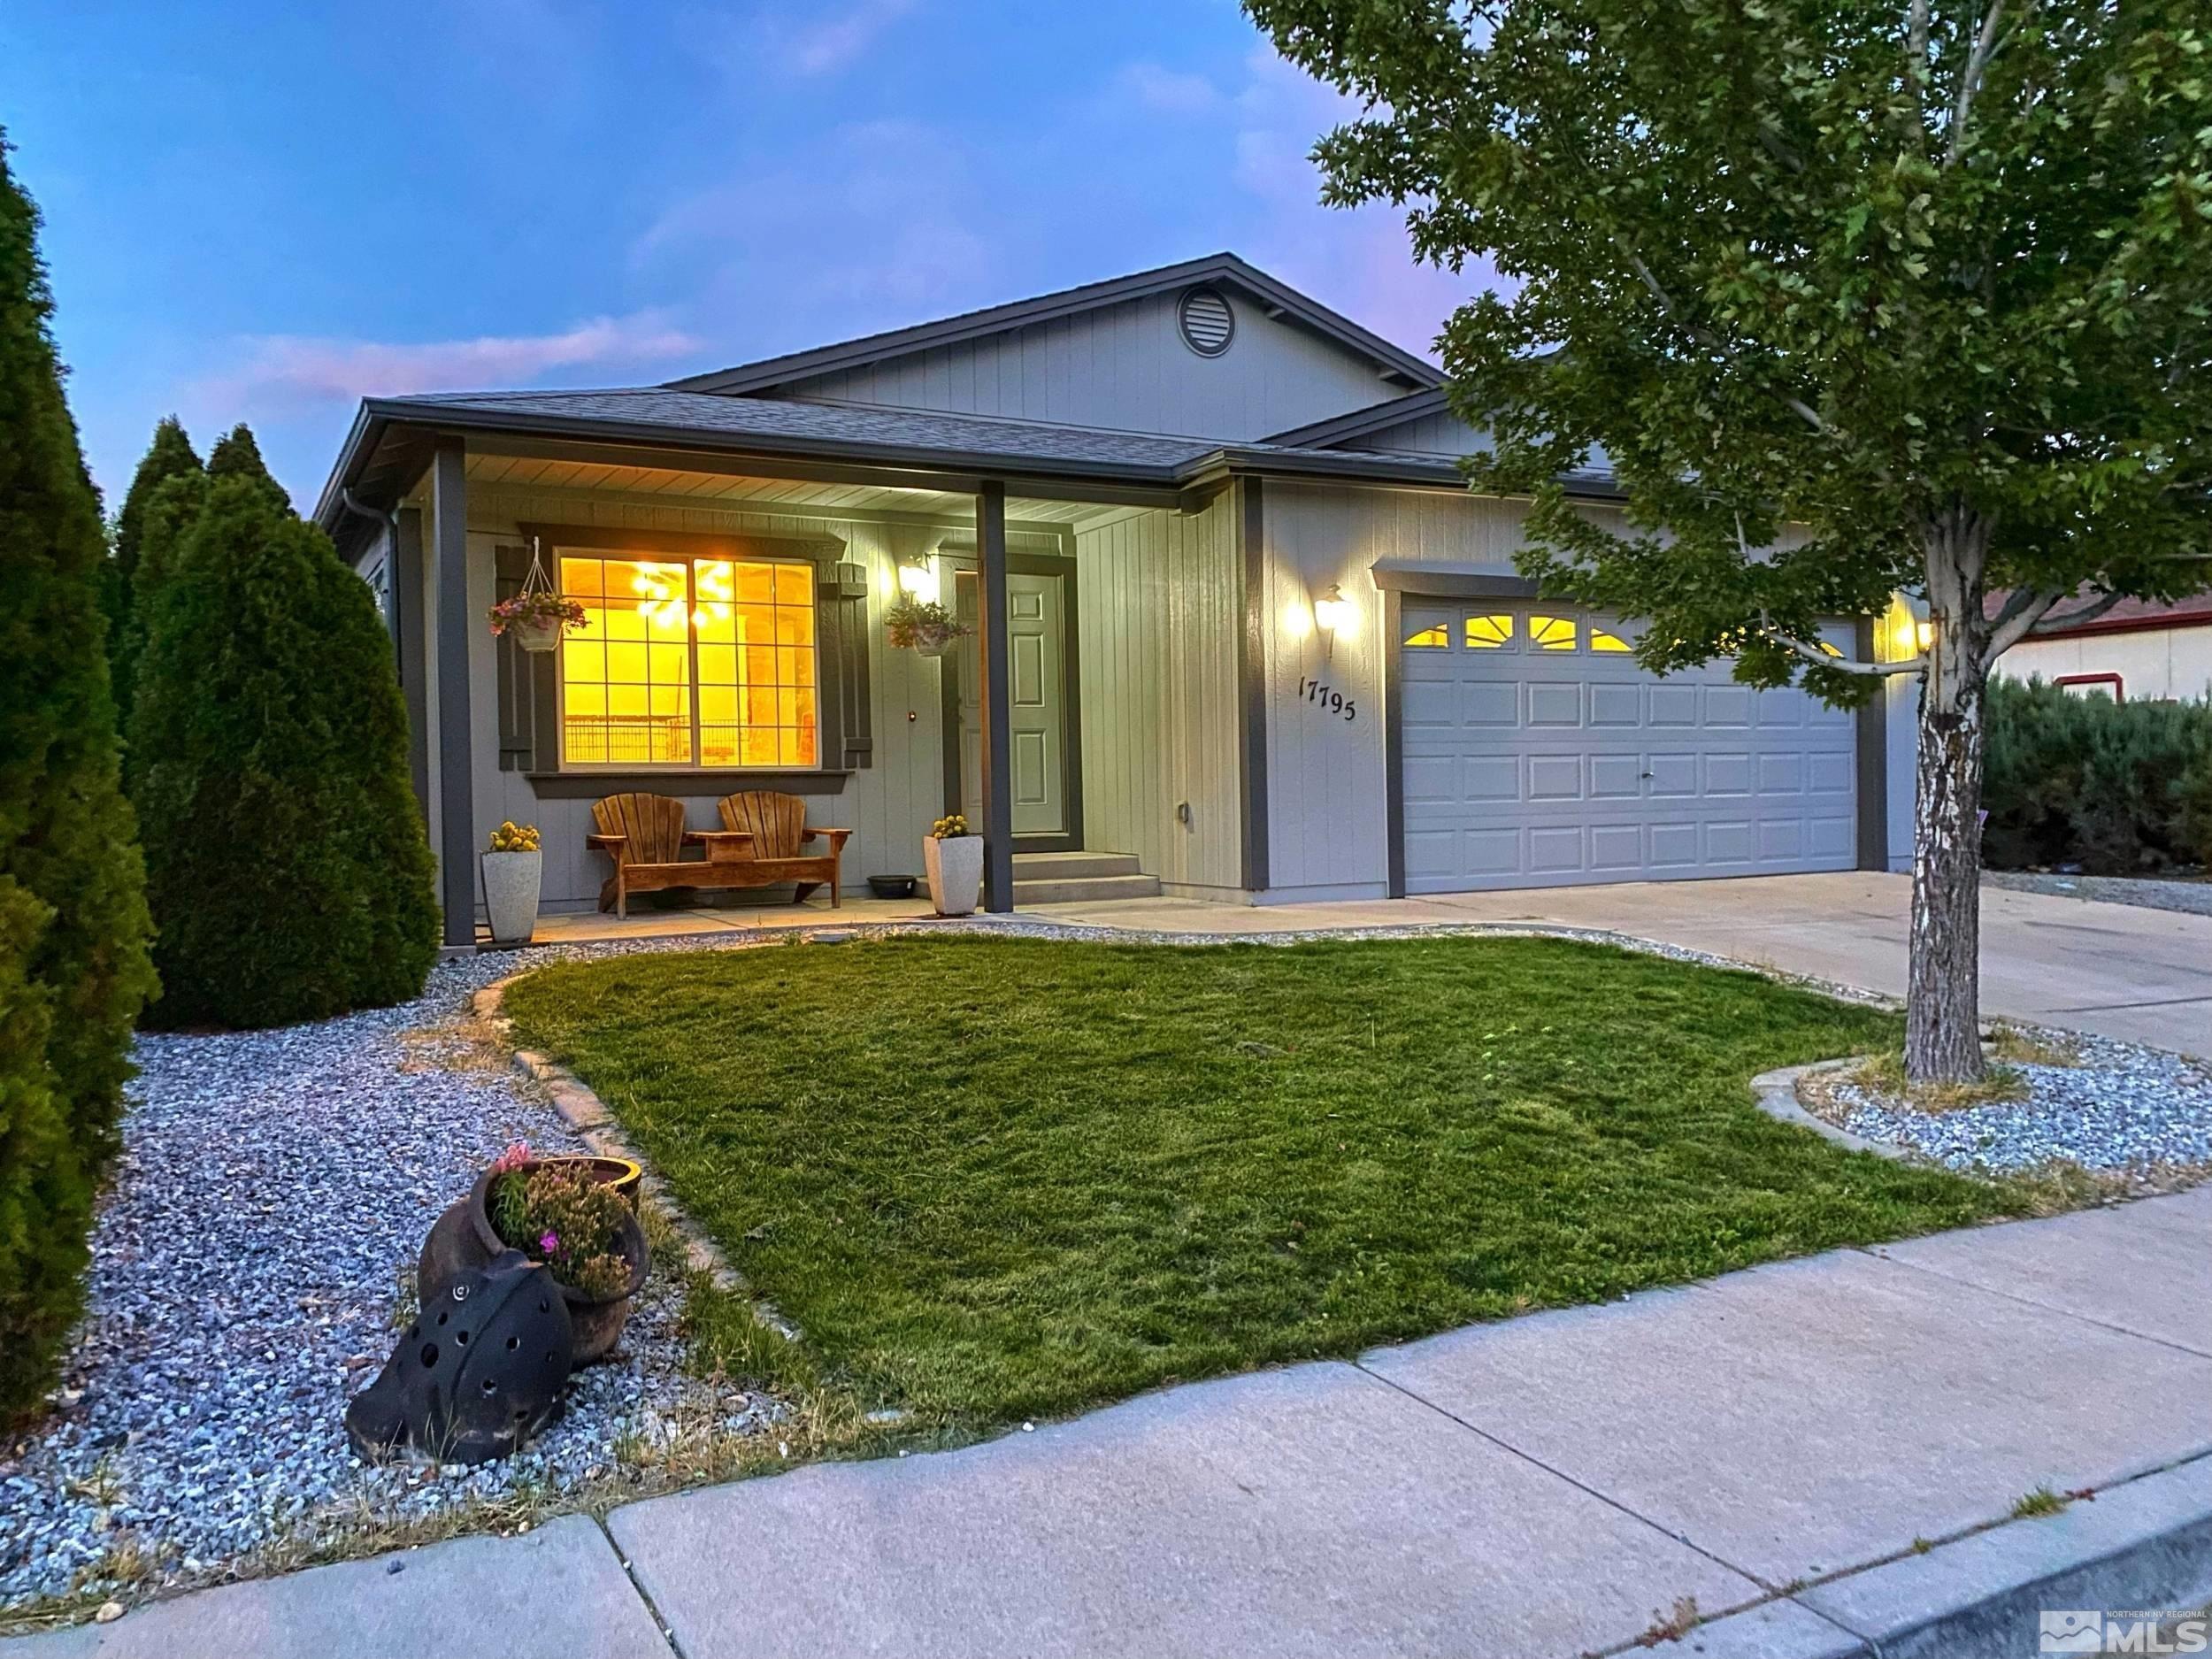 Image for 17795 Davenport, Reno, NV 89508-4586